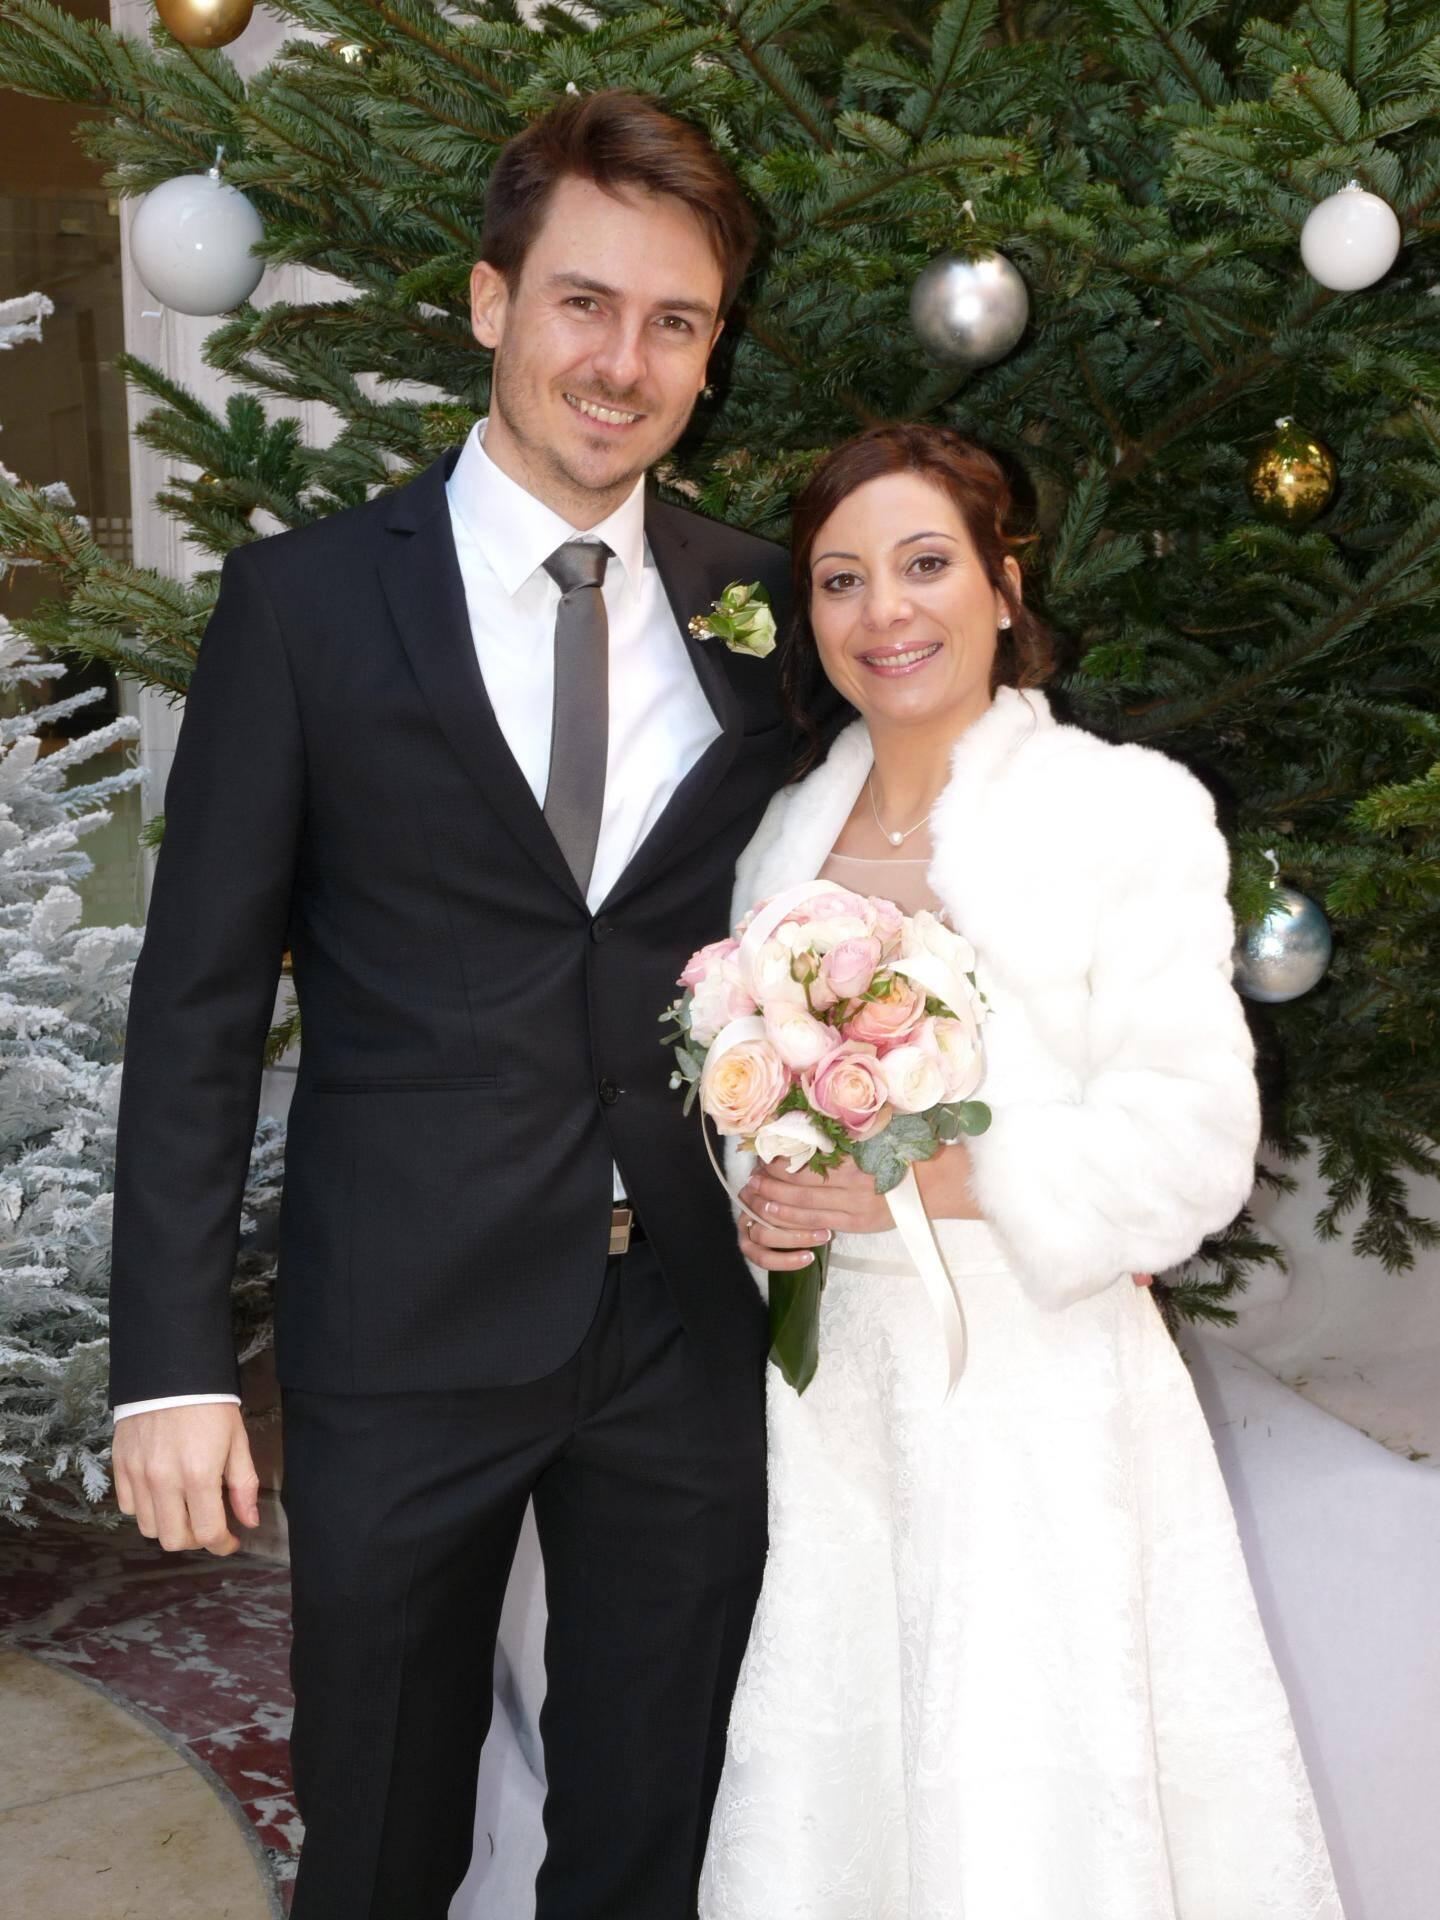 Mauricio Jost, ingénieur en informatique, et Marta Ranieri, employée commerciale.